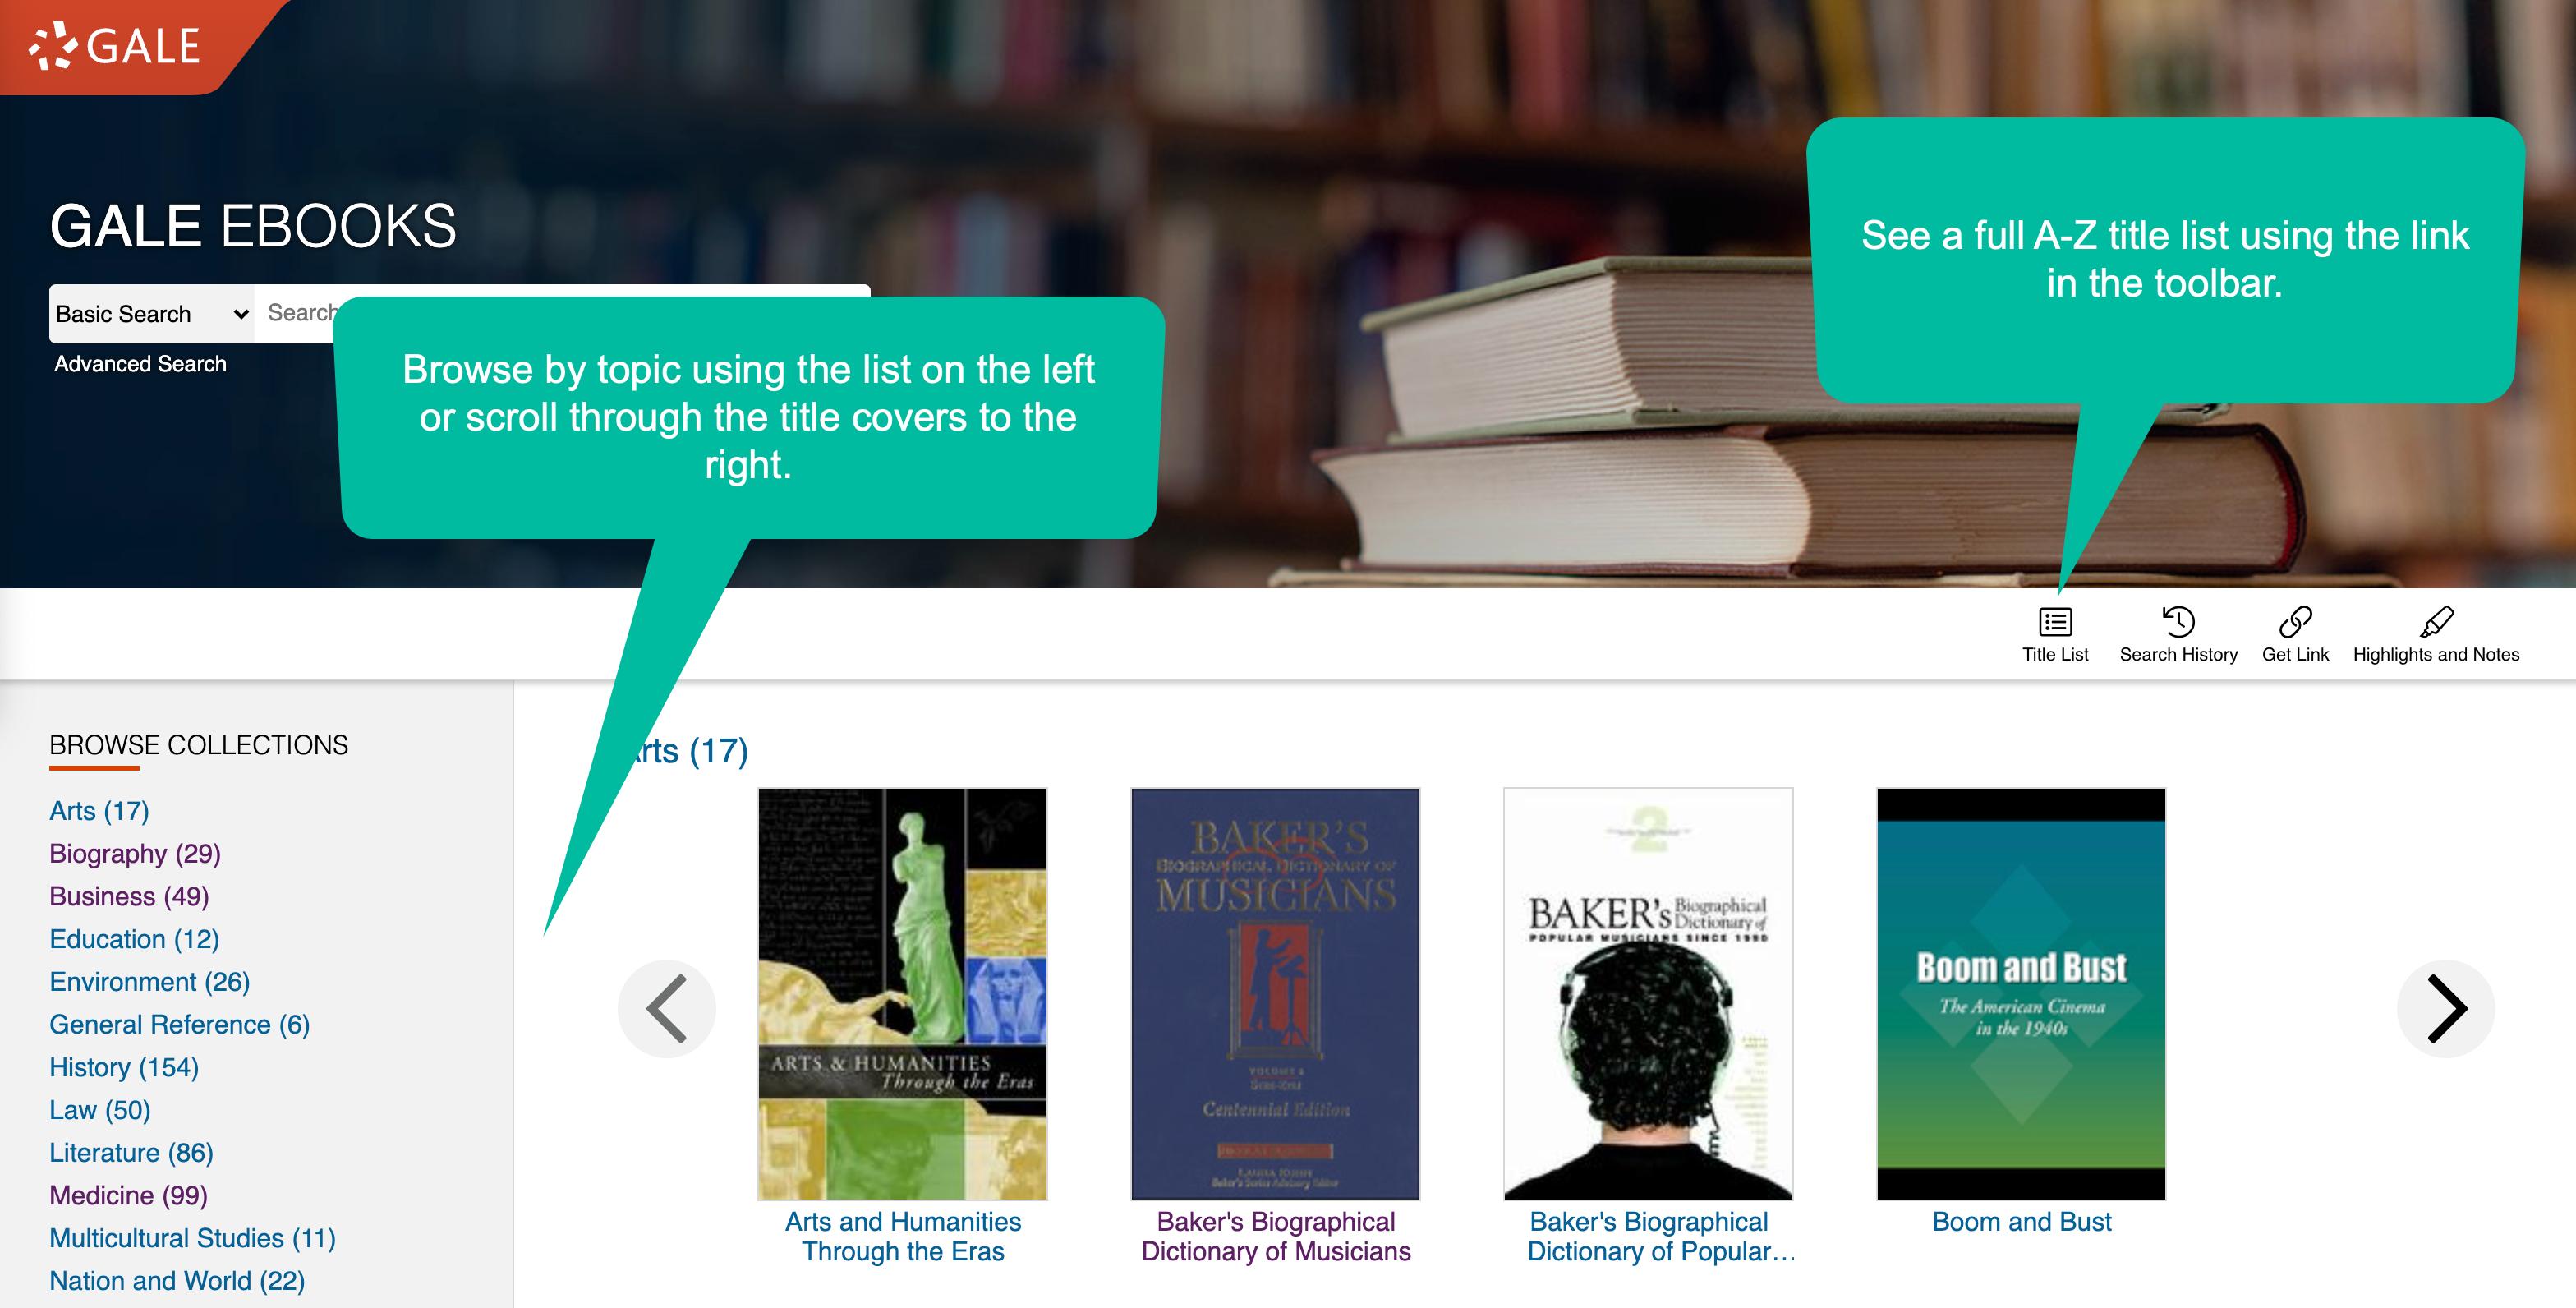 Gale eBook's homepage.